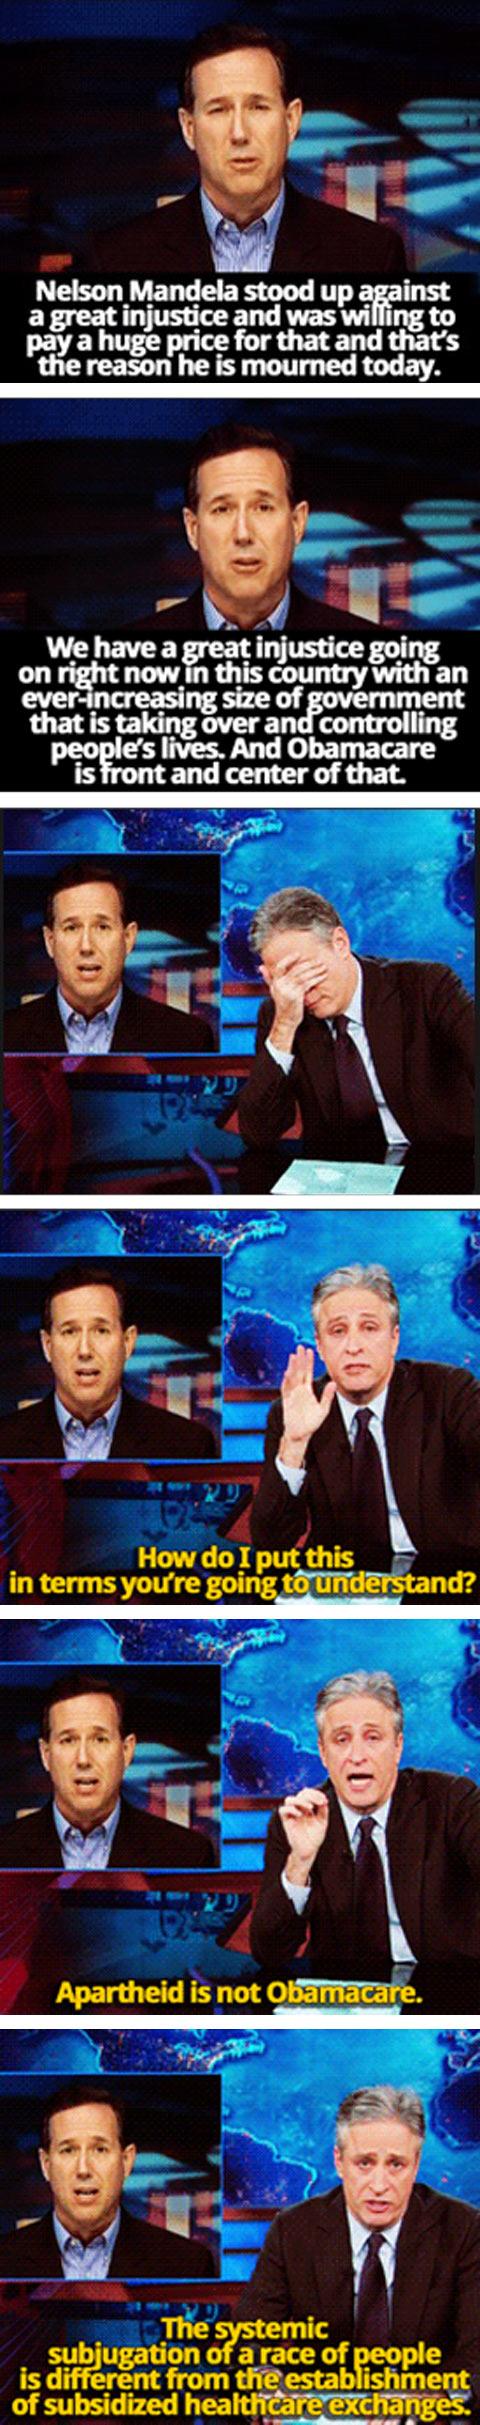 funny-Jon-Stewart-news-Mandela-Obama